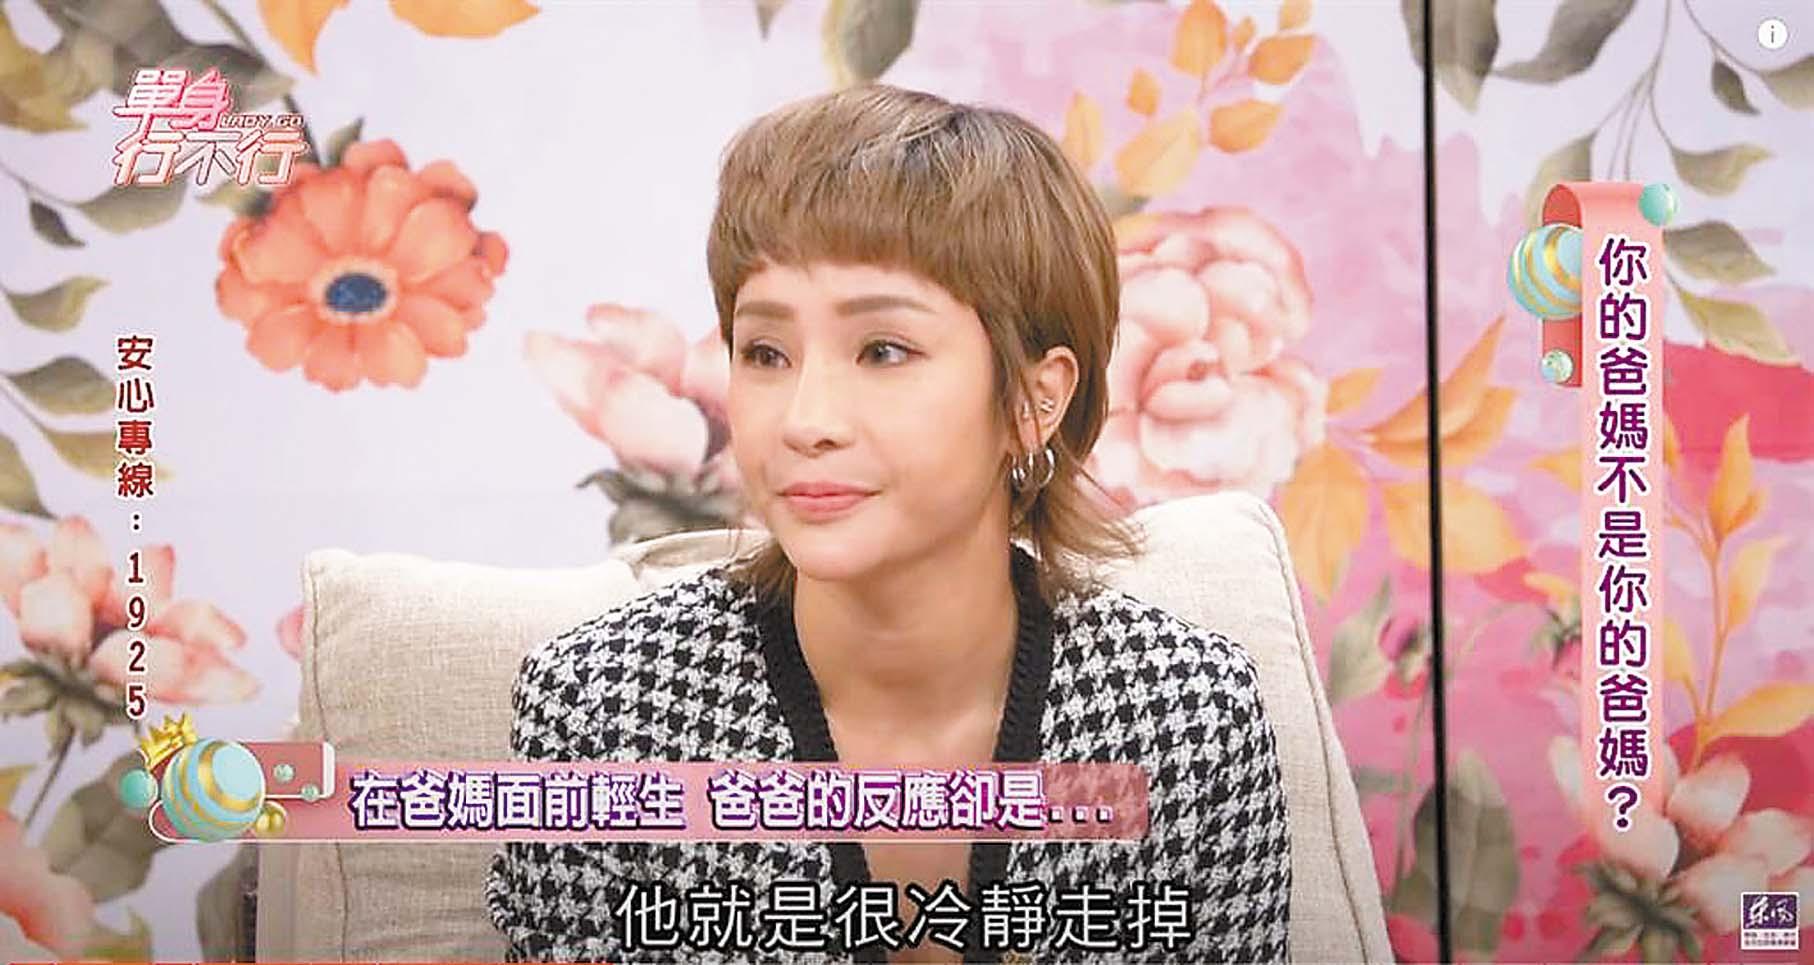 ■梁云菲日前在電視節目《單身行不行》中講述少女時期的遭遇。 網上圖片